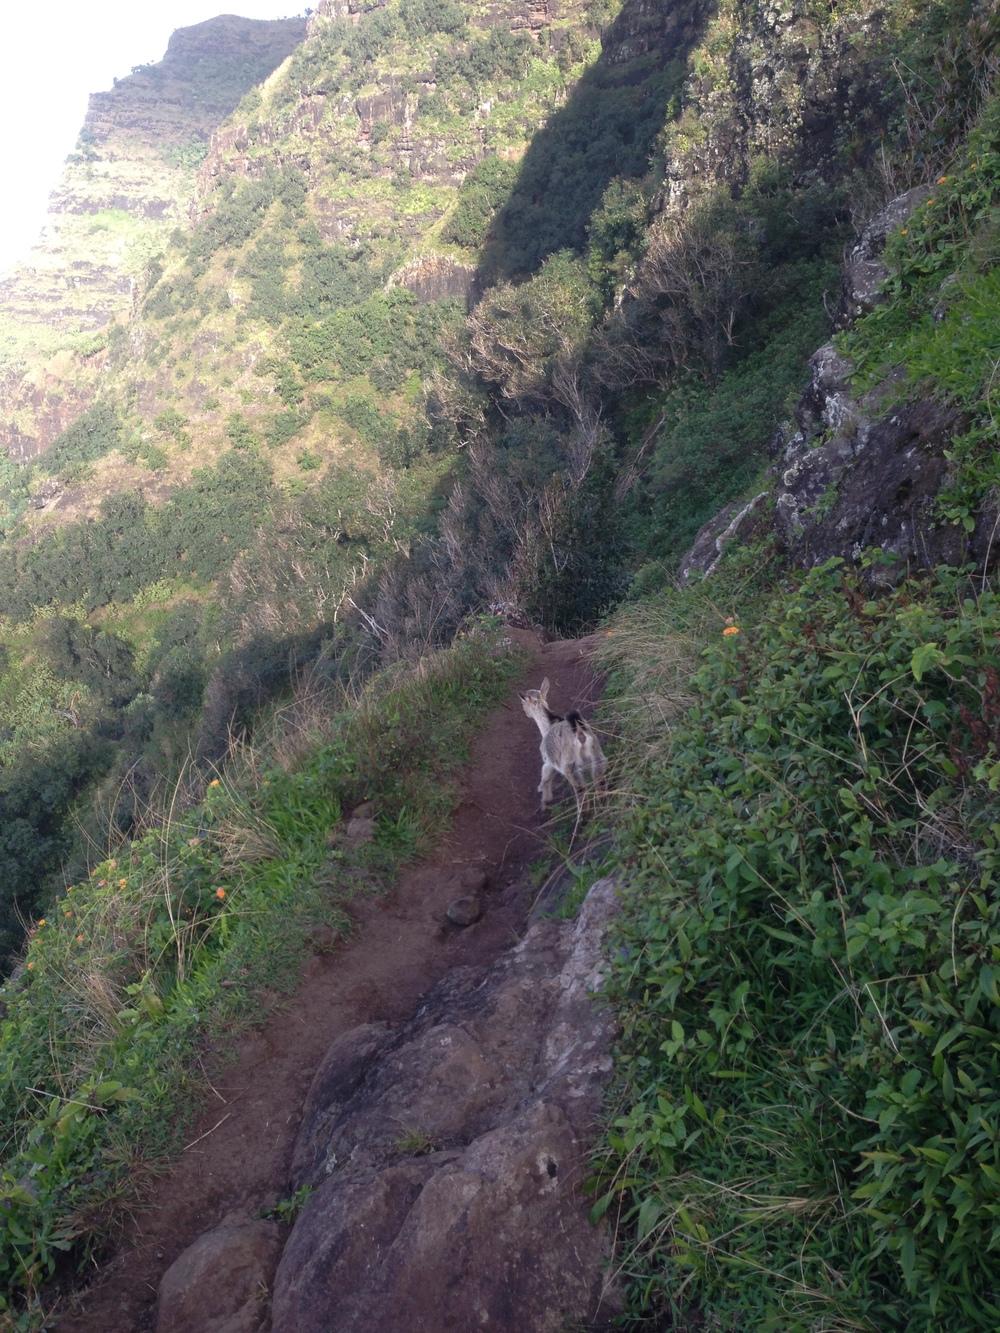 Trail goats!